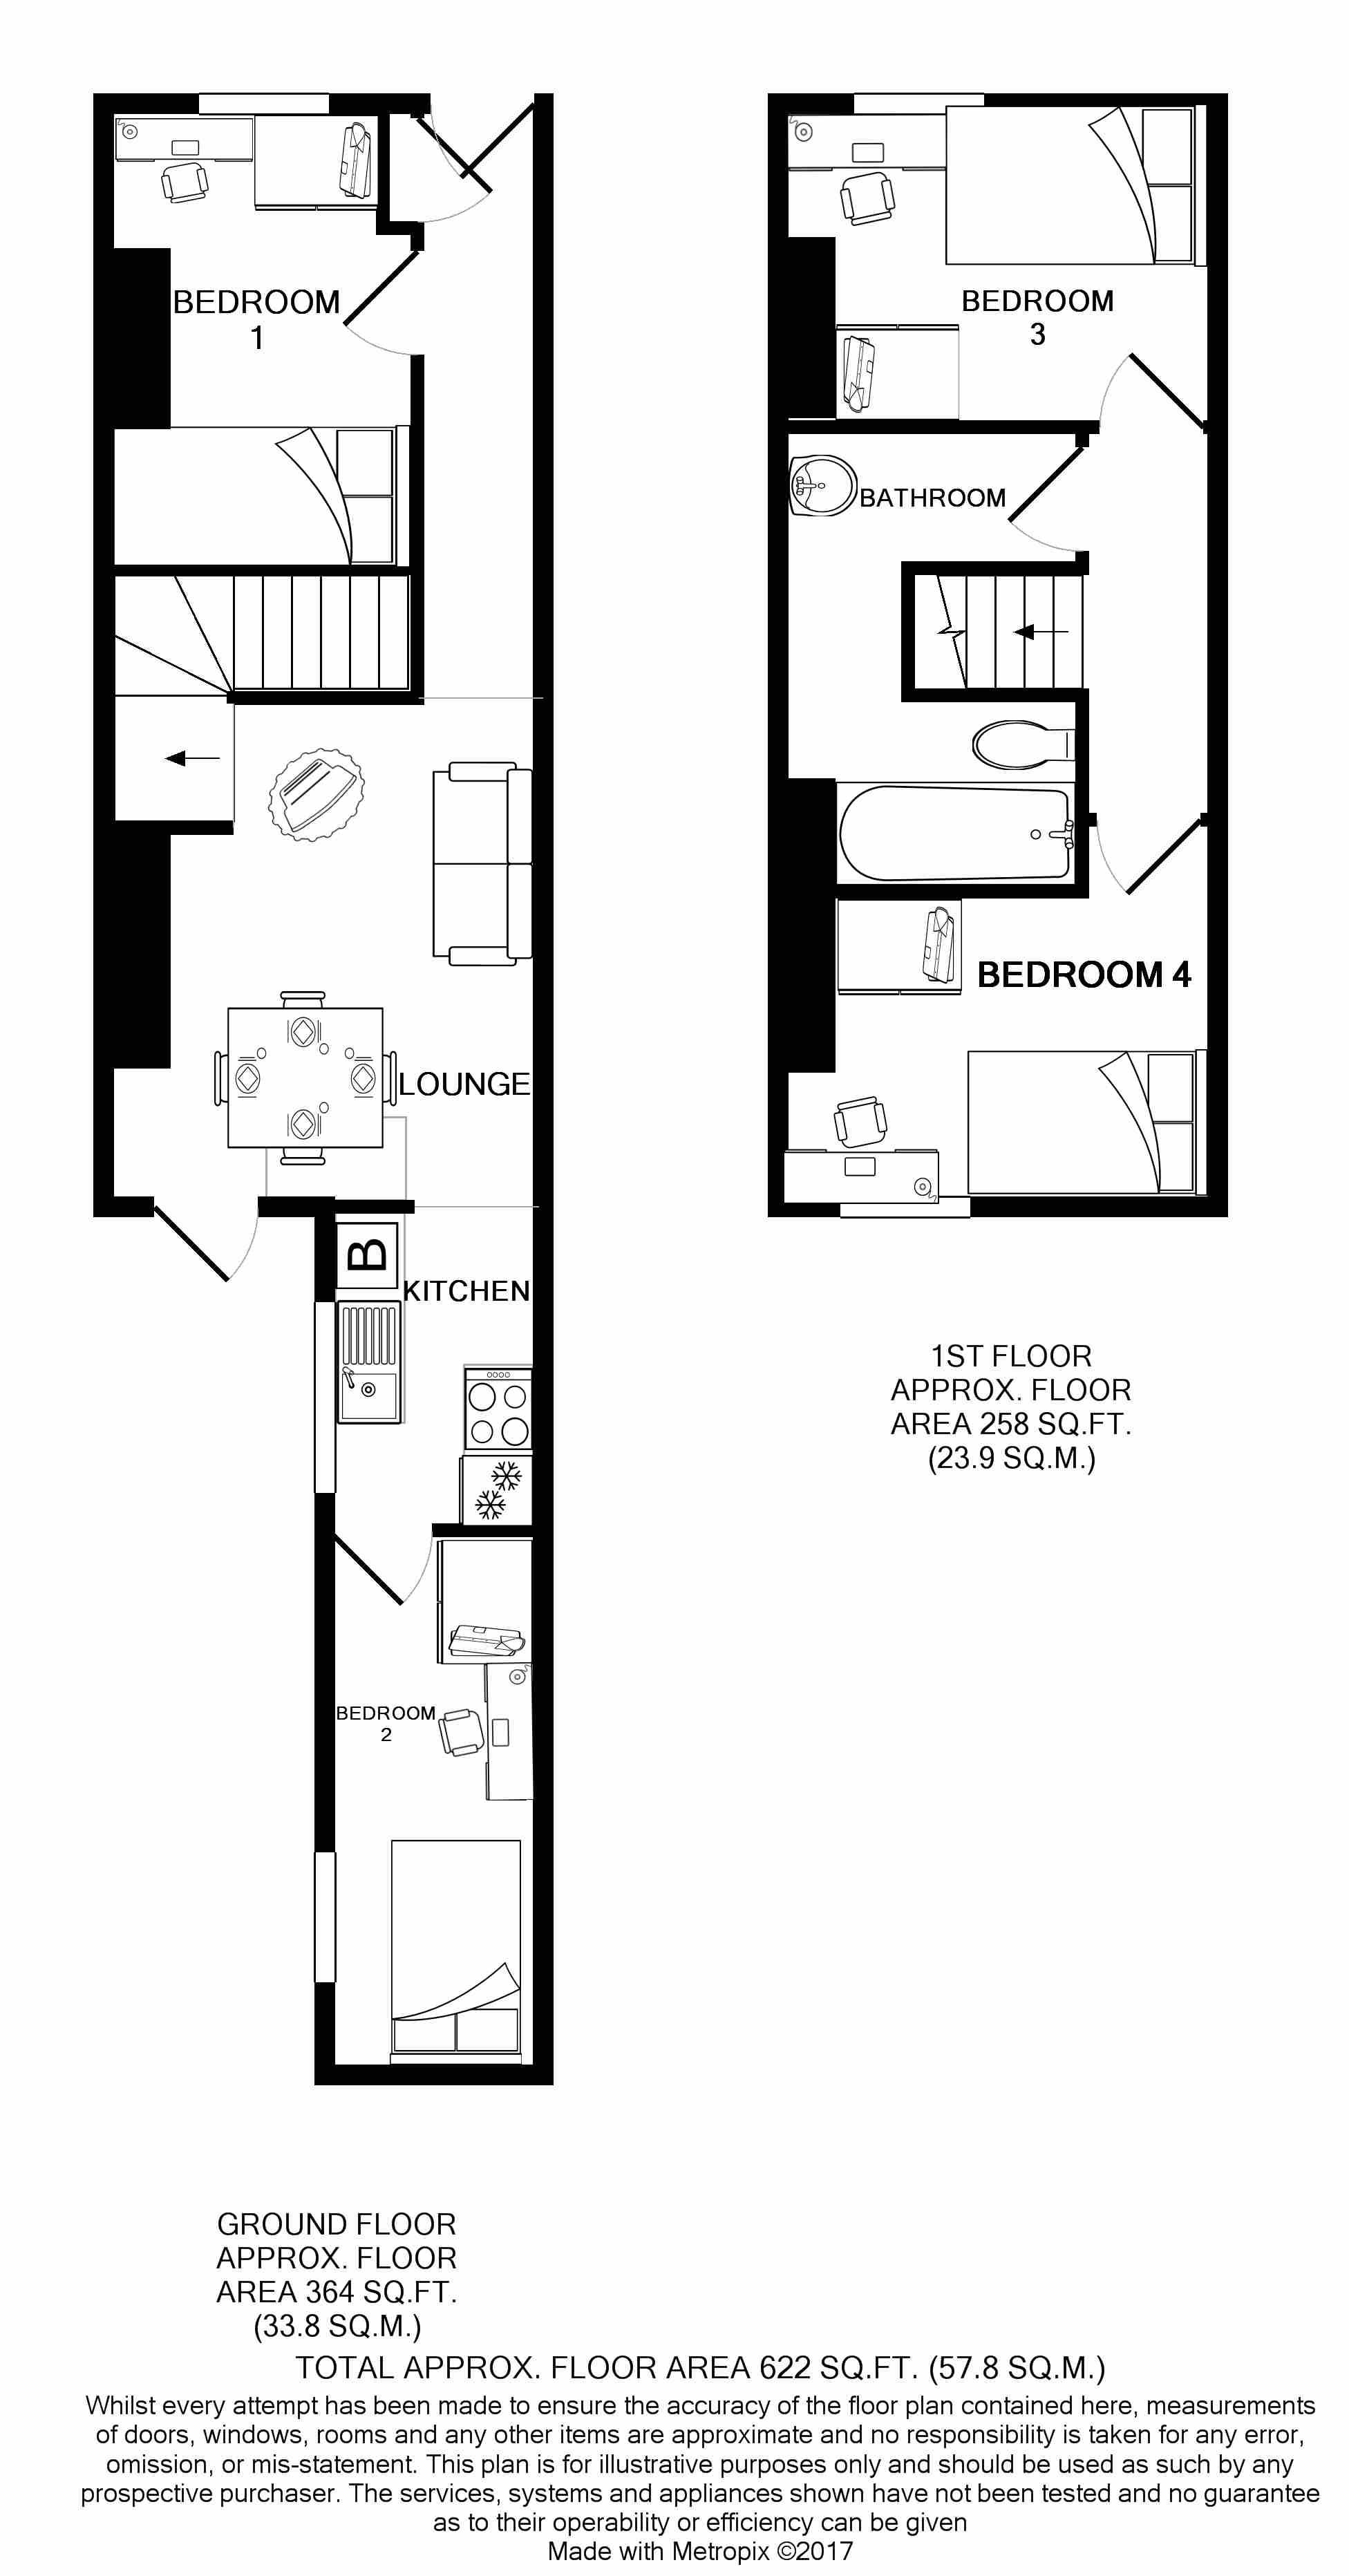 13 Heath Street Floorplans